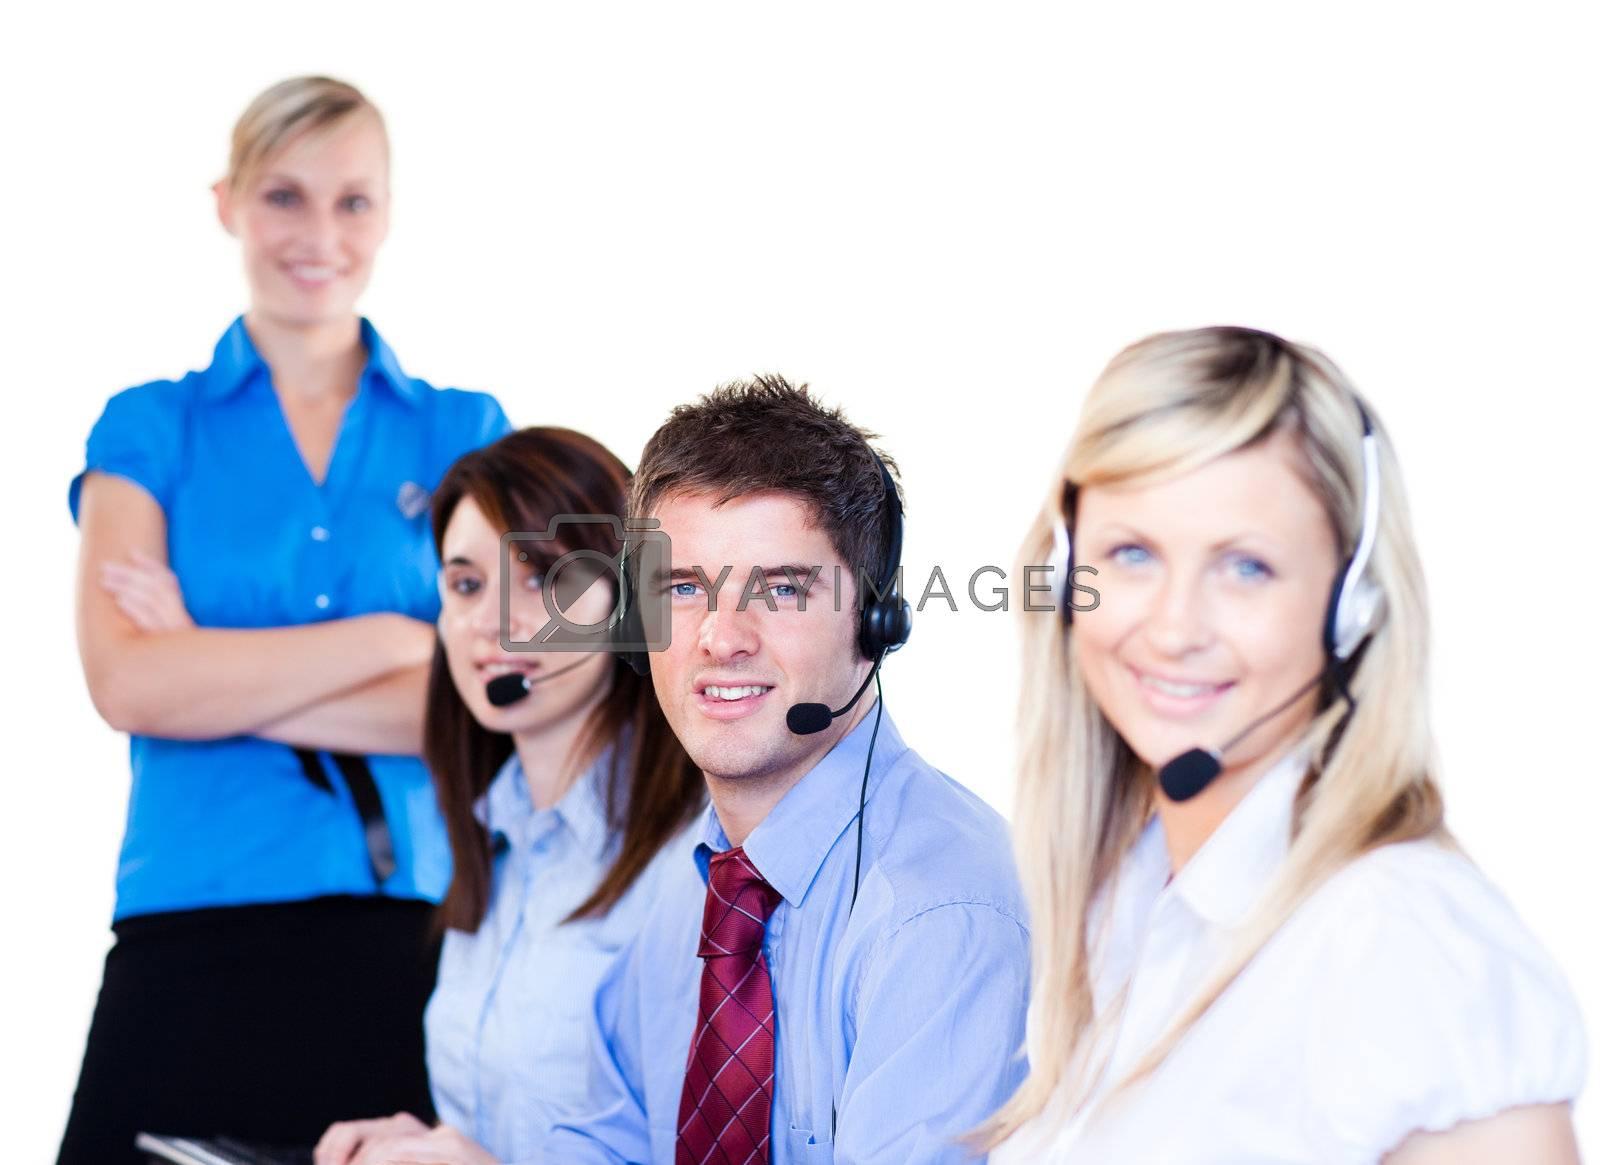 Group of operators by Wavebreakmedia